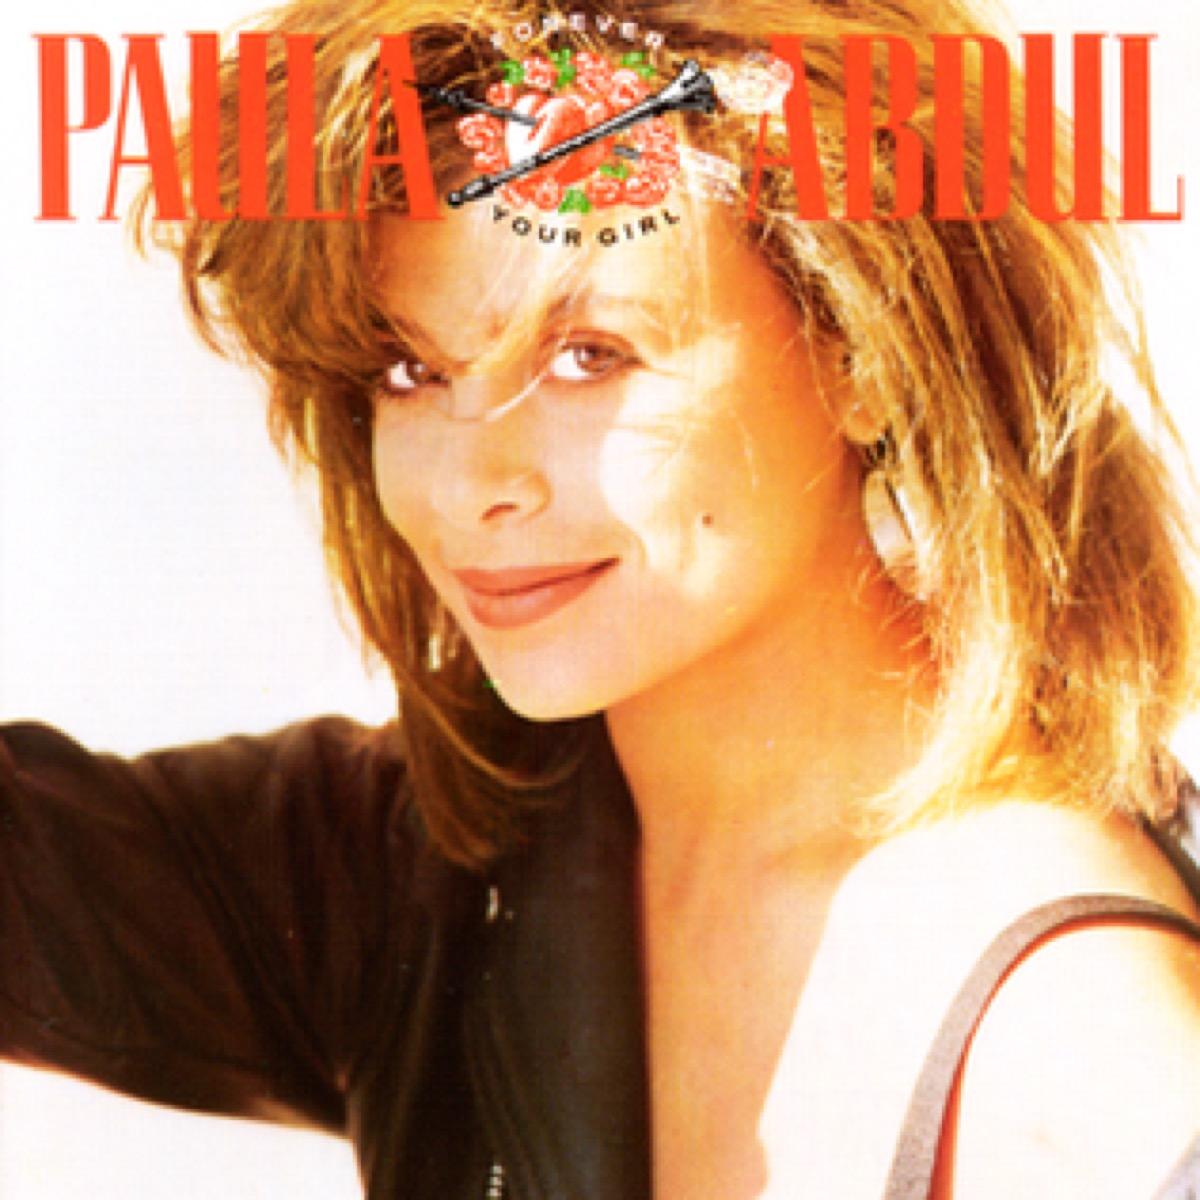 Forever Your Girl by Paula Abdul album art